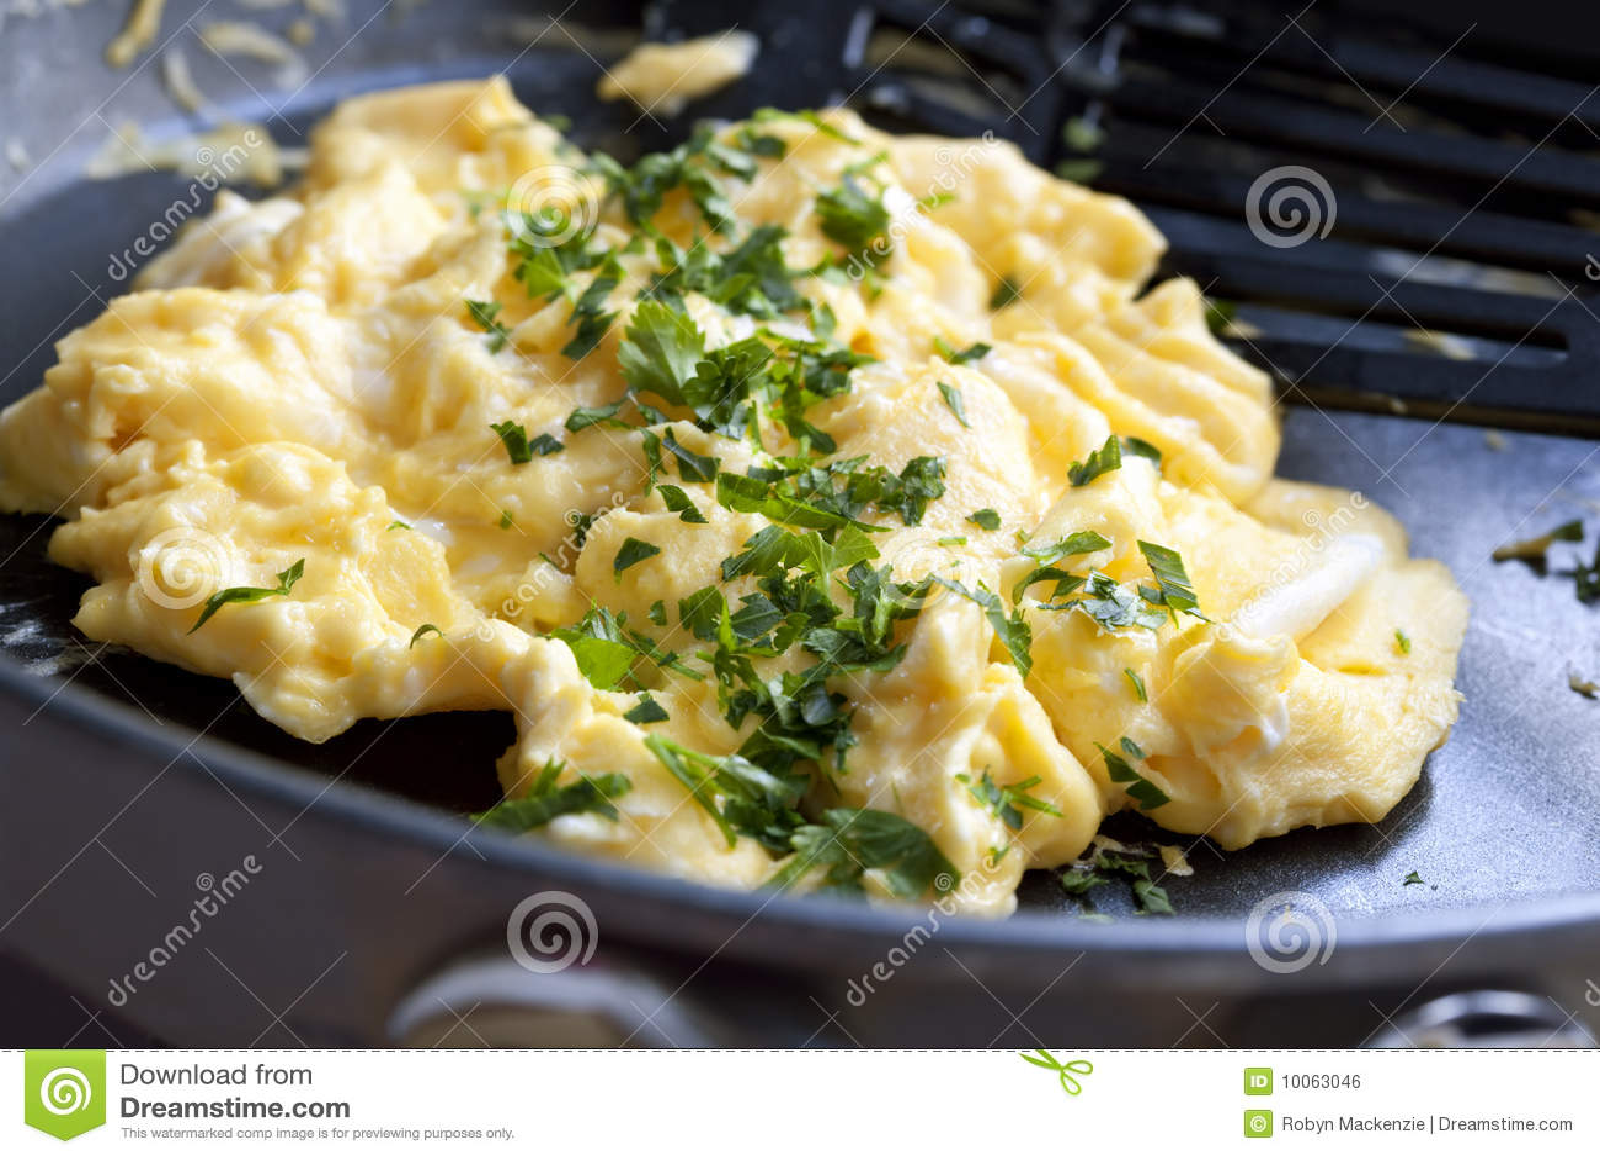 Cozinhando ovos Scrambled